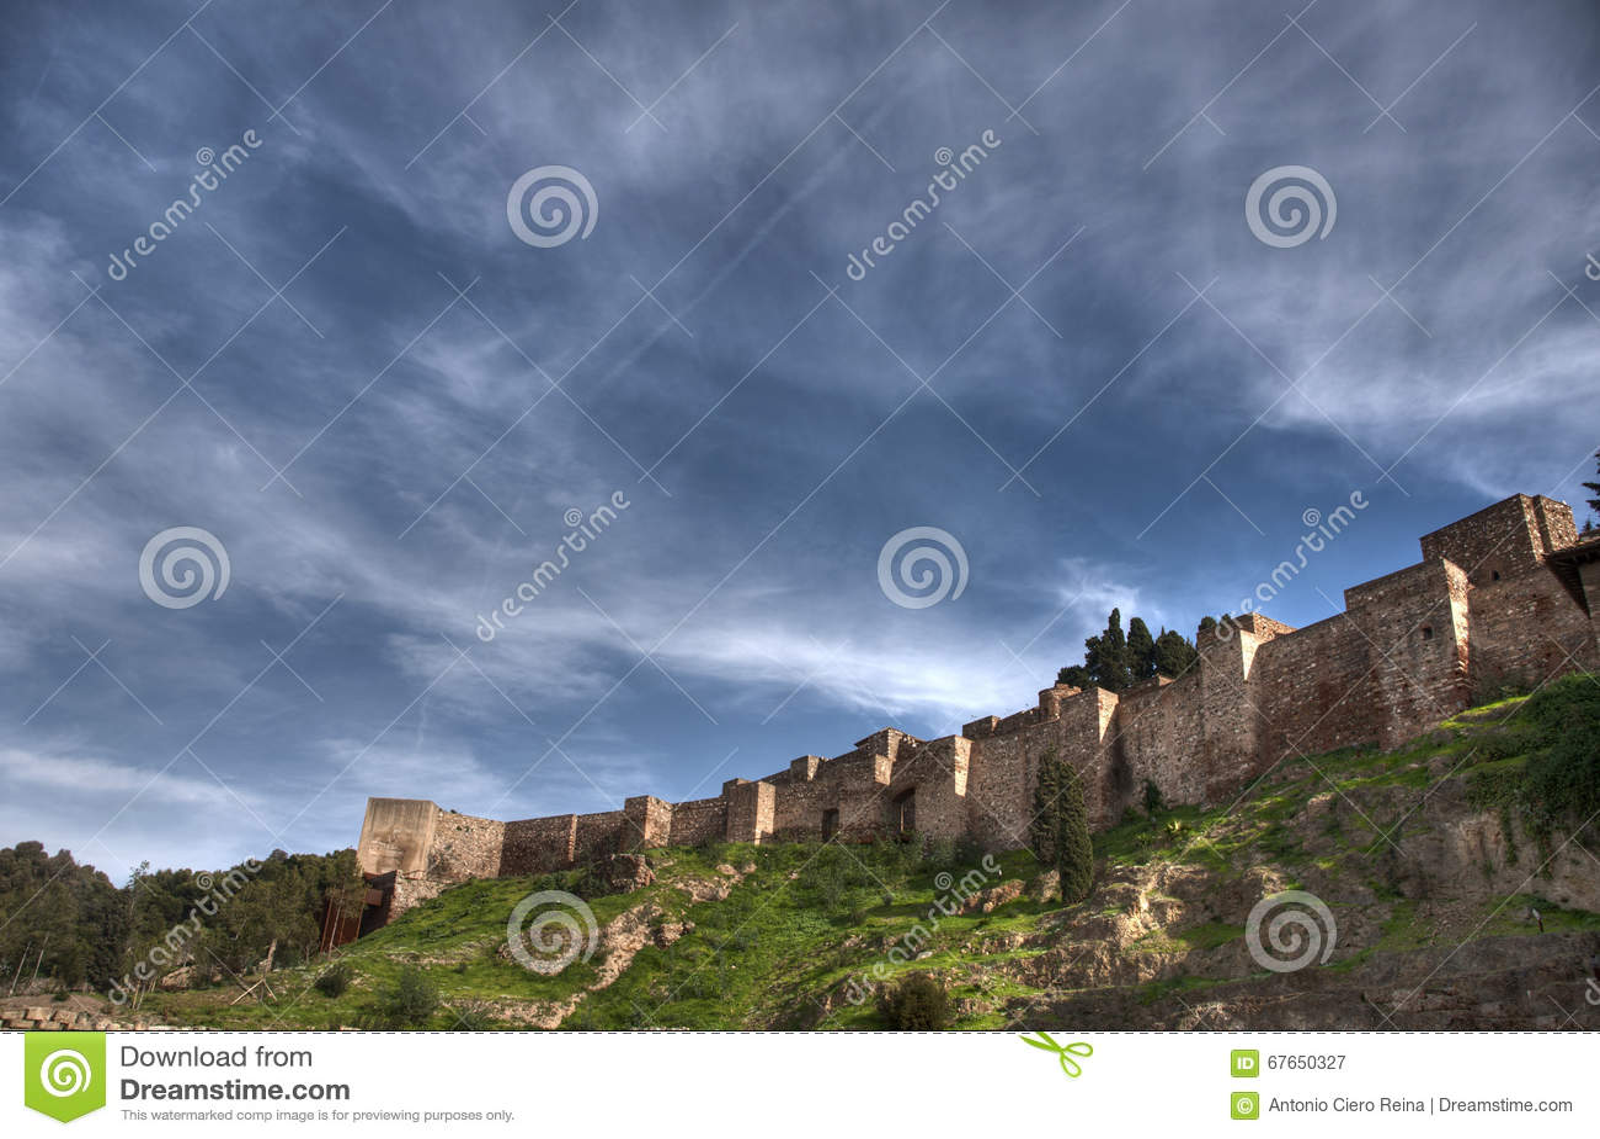 Old Almohad citadel of Malaga, Andalusia